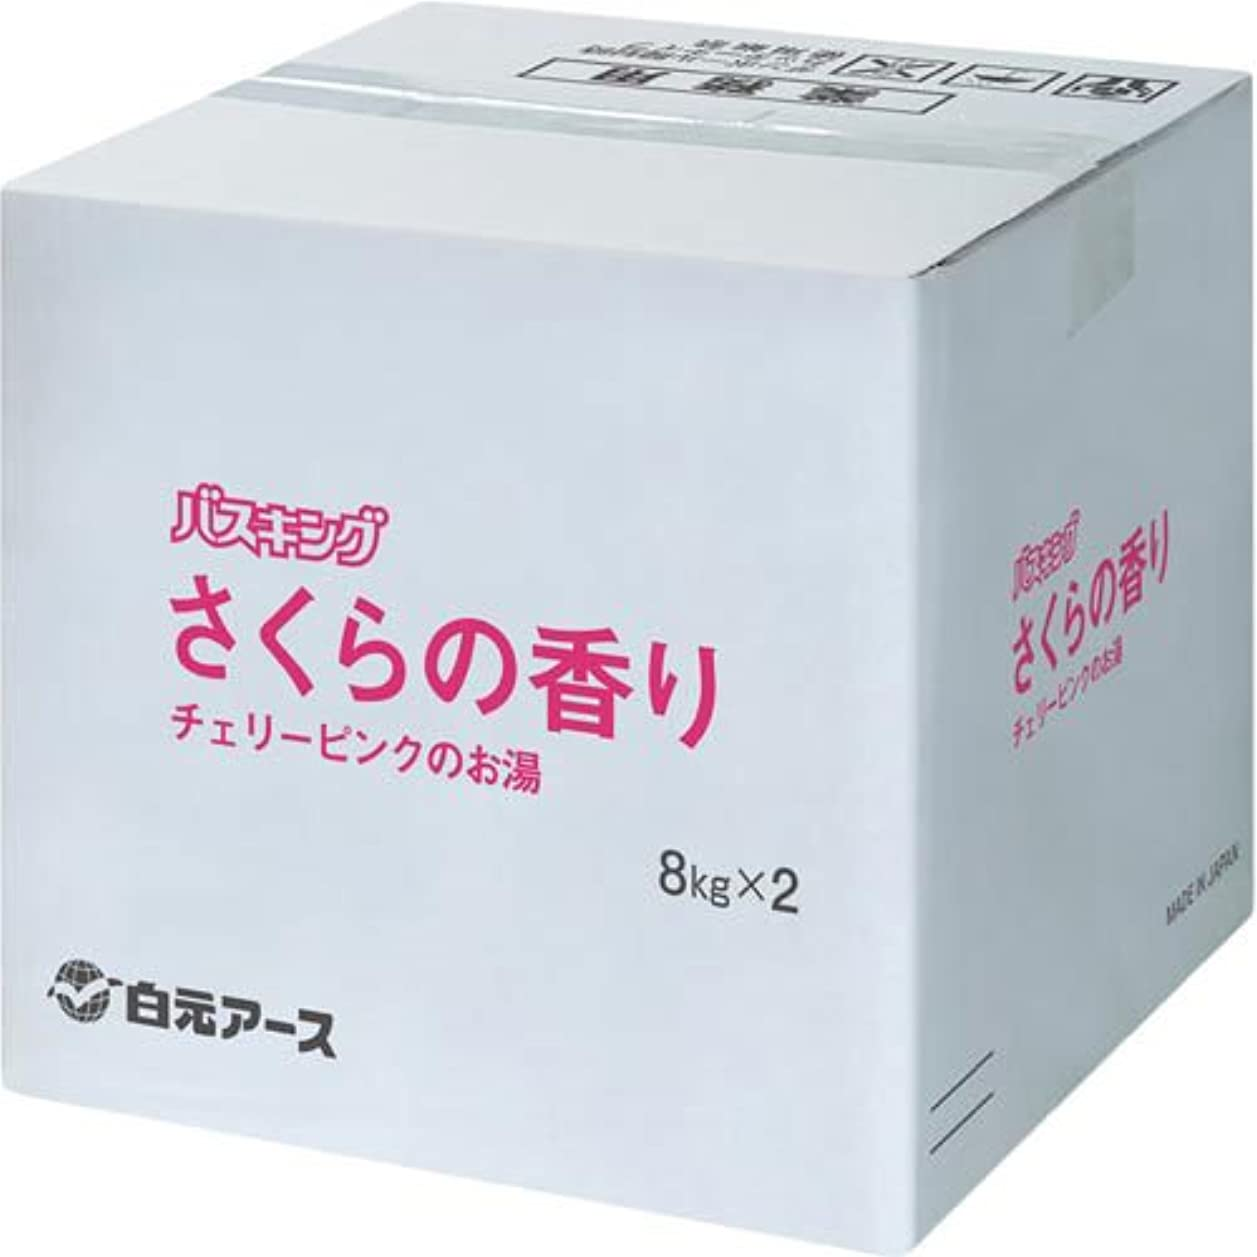 バター処理不良白元アース バスキング さくらの香り 16kg